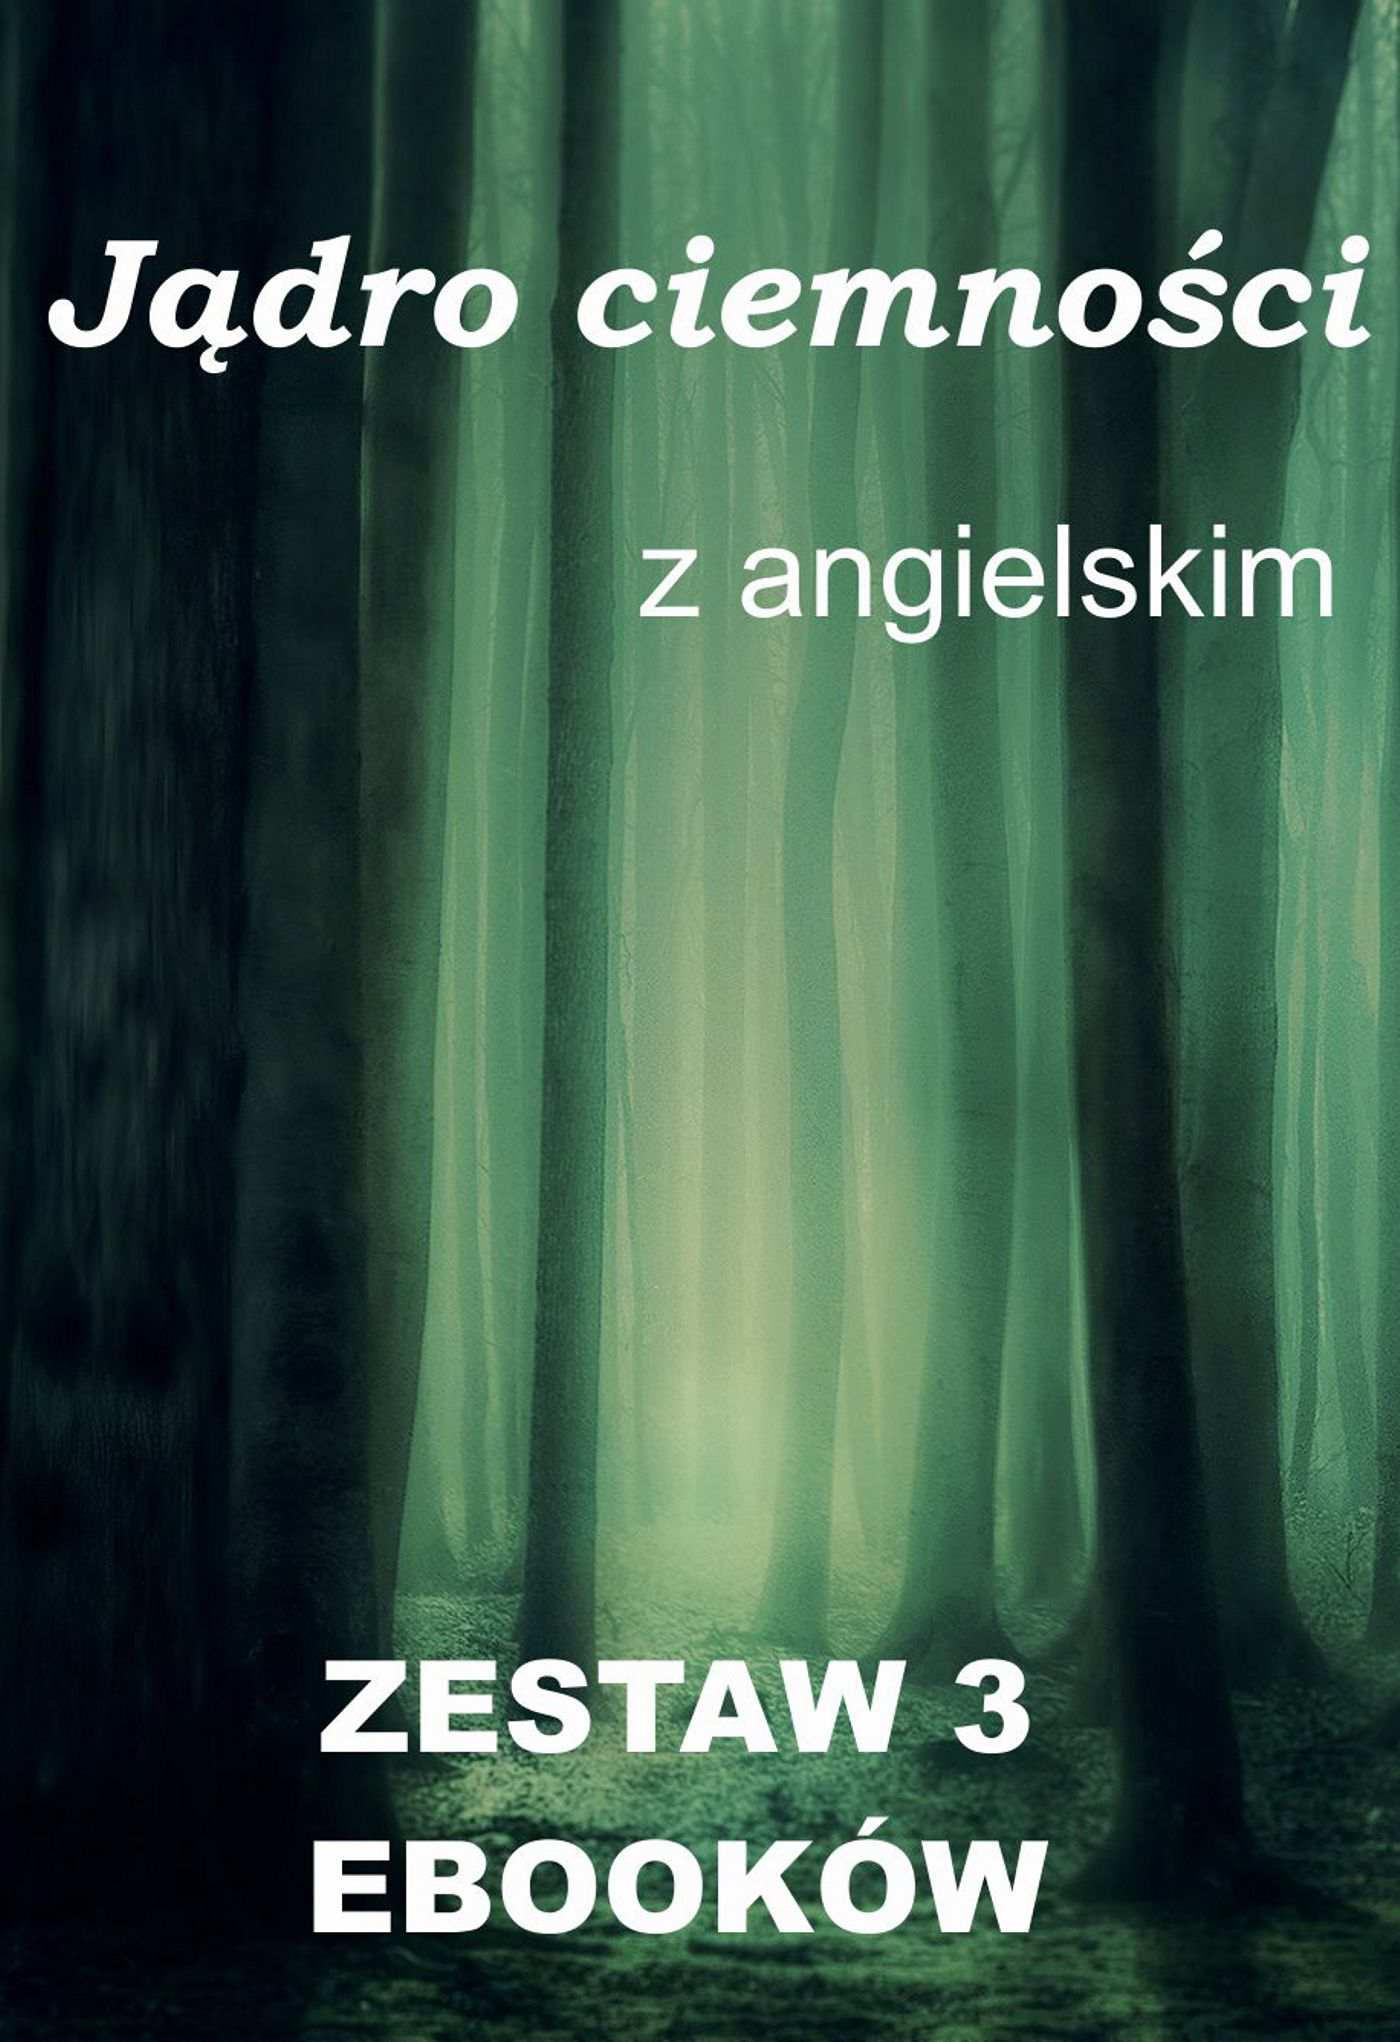 Jądro ciemności z angielskim. Zestaw 3 ebooków - Ebook (Książka PDF) do pobrania w formacie PDF